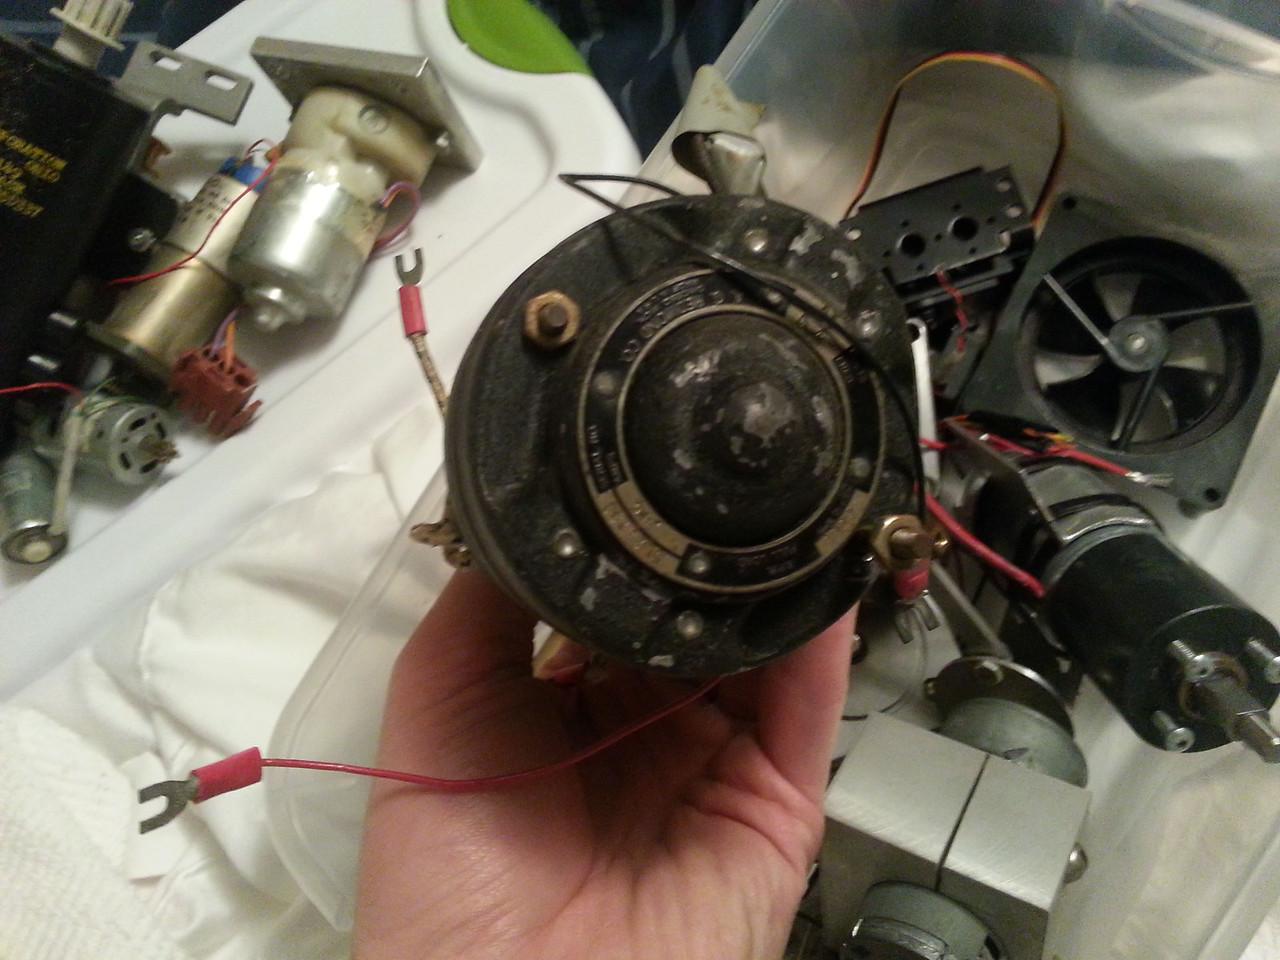 More weird motors.